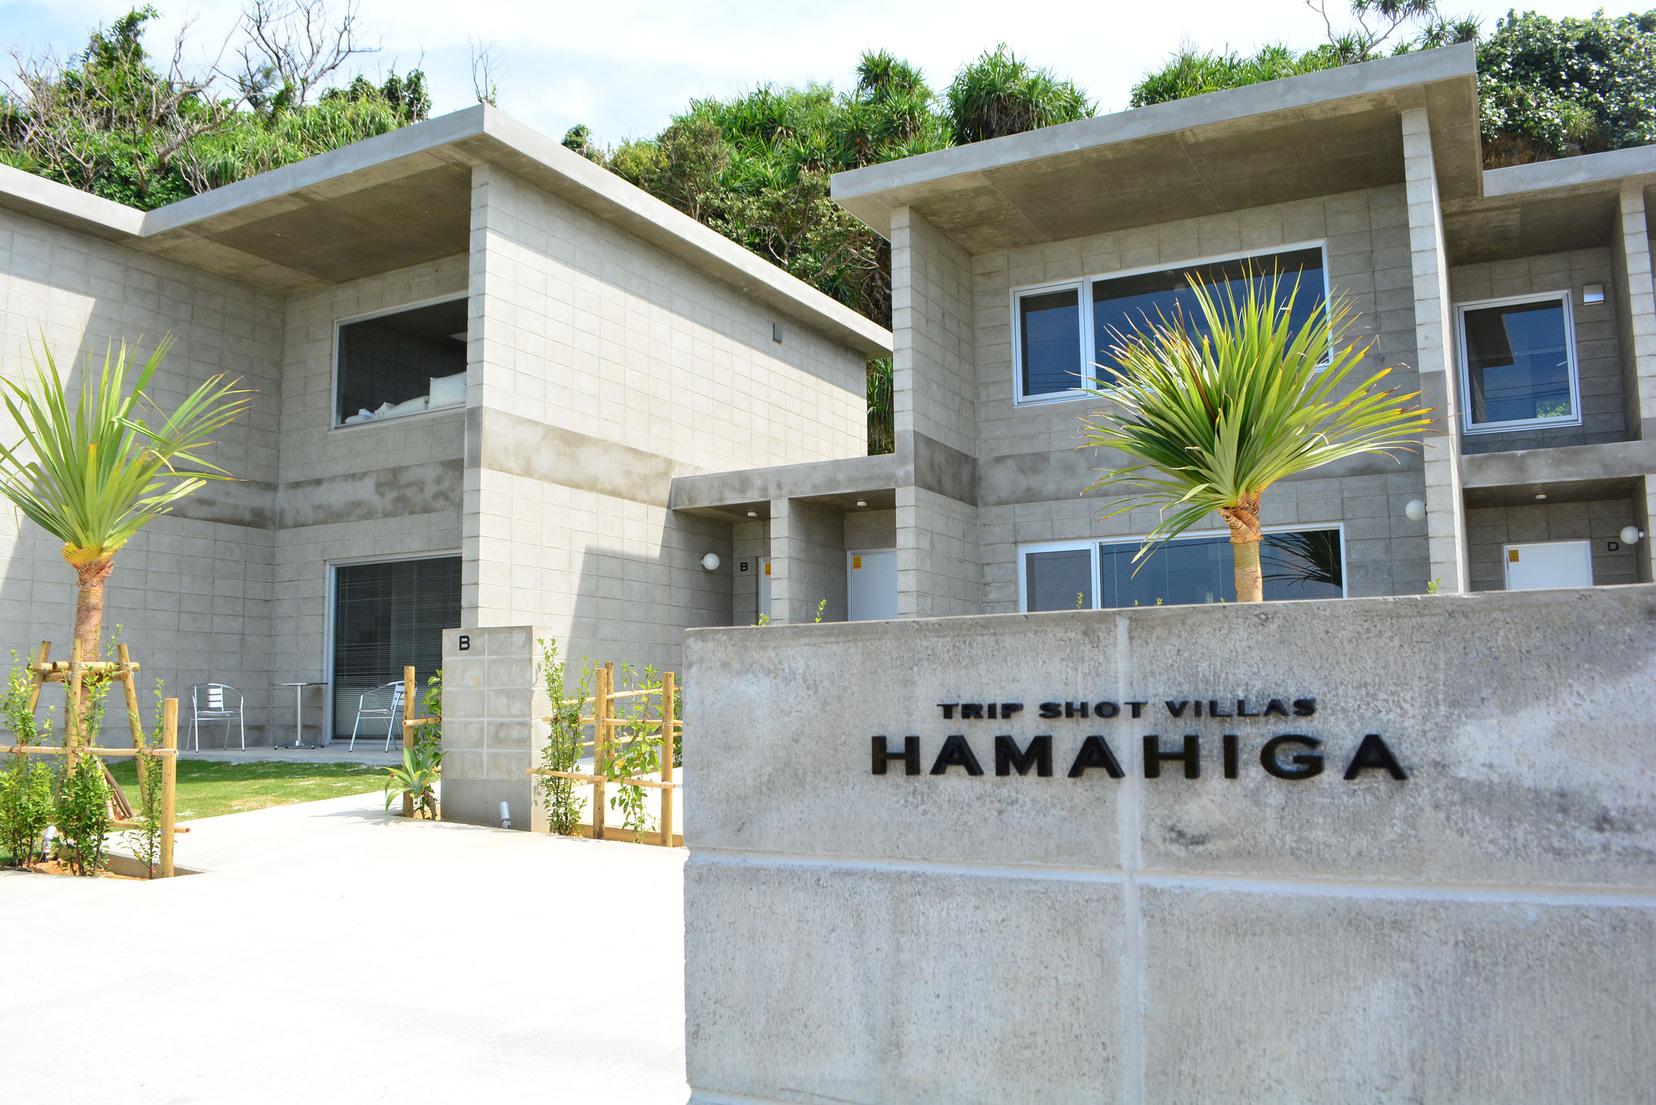 Trip Shot Villas HAMAHIGA (トリップショットヴィラズ ハマヒガ)